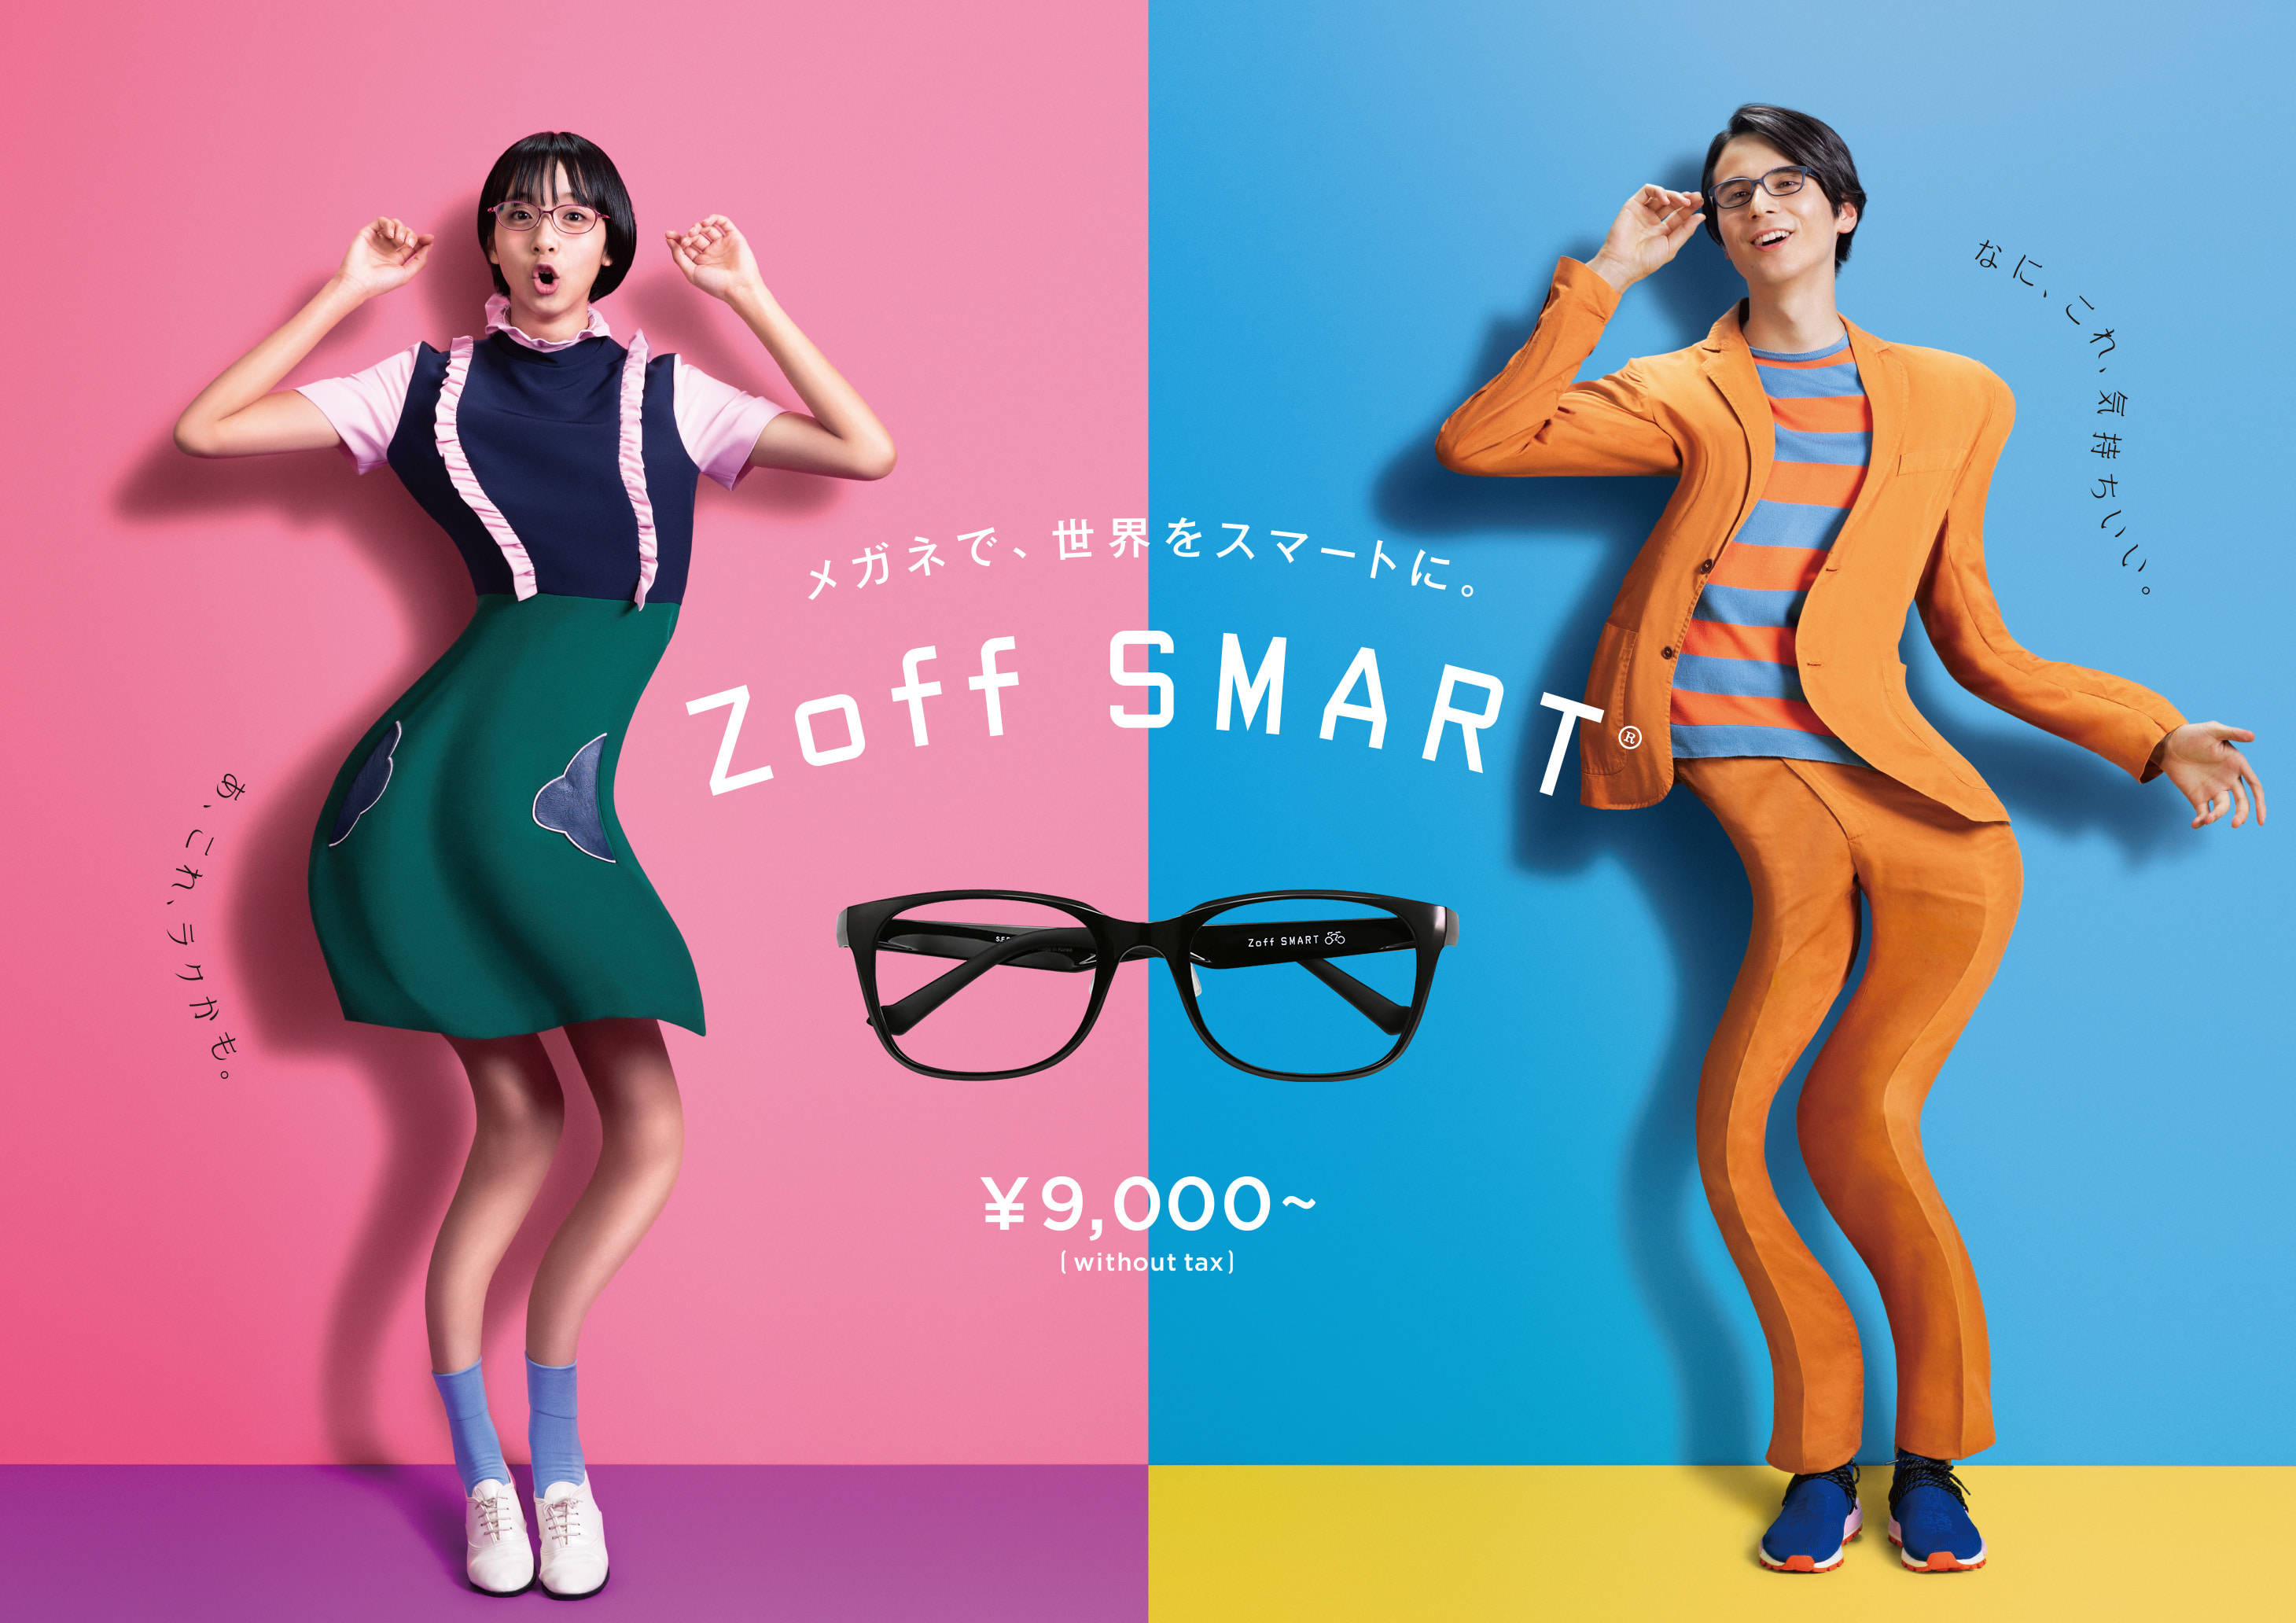 メガネで、世界をスマートに Zoff SMART ¥9,000~[without tax]